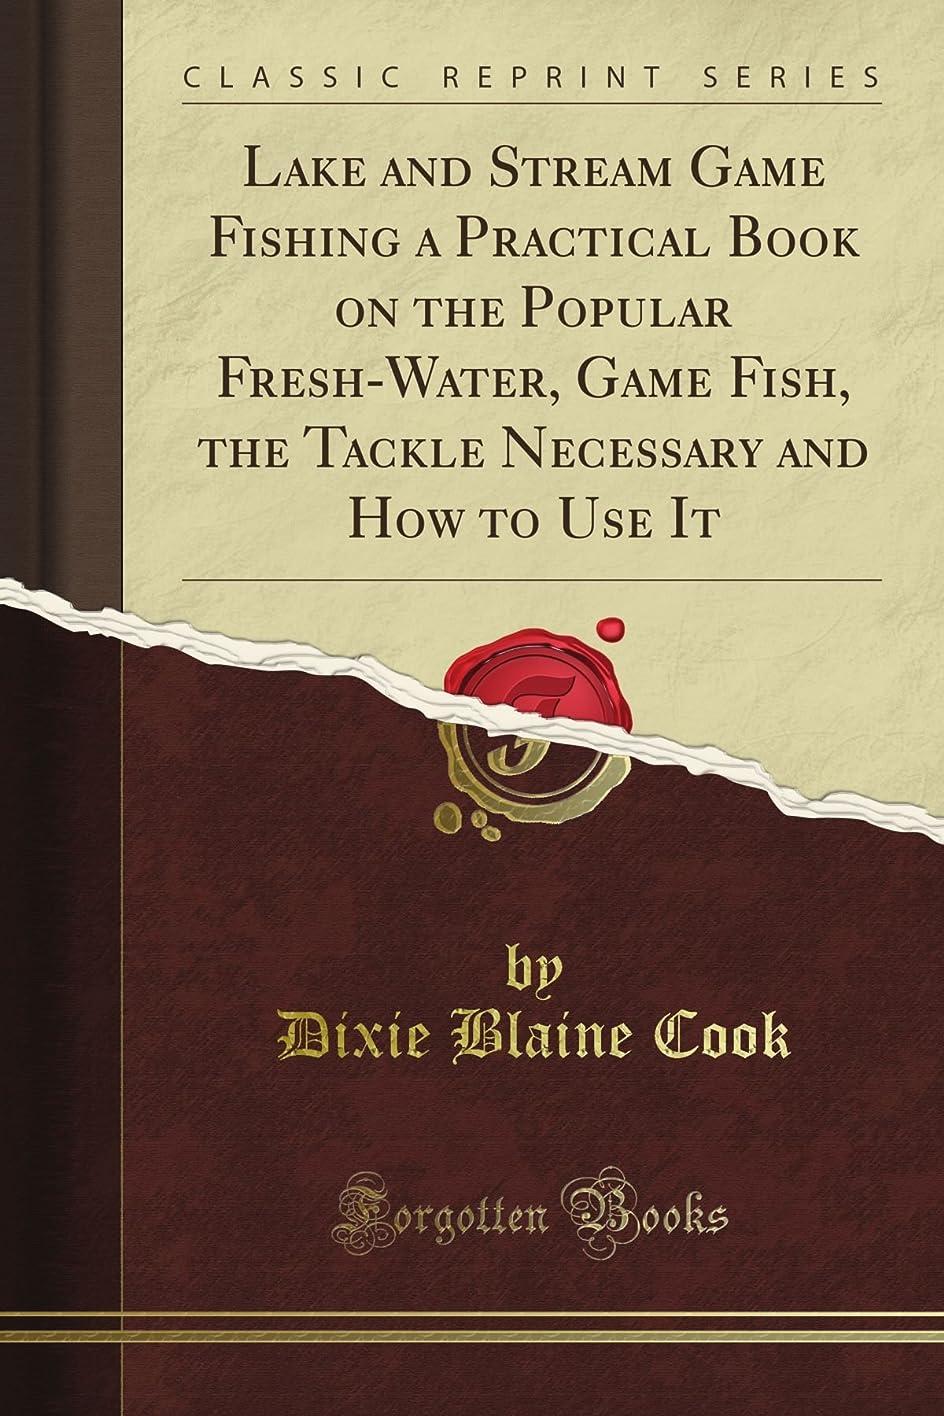 サミット差別蘇生するLake and Stream Game Fishing a Practical Book on the Popular Fresh-Water, Game Fish, the Tackle Necessary and How to Use It (Classic Reprint)